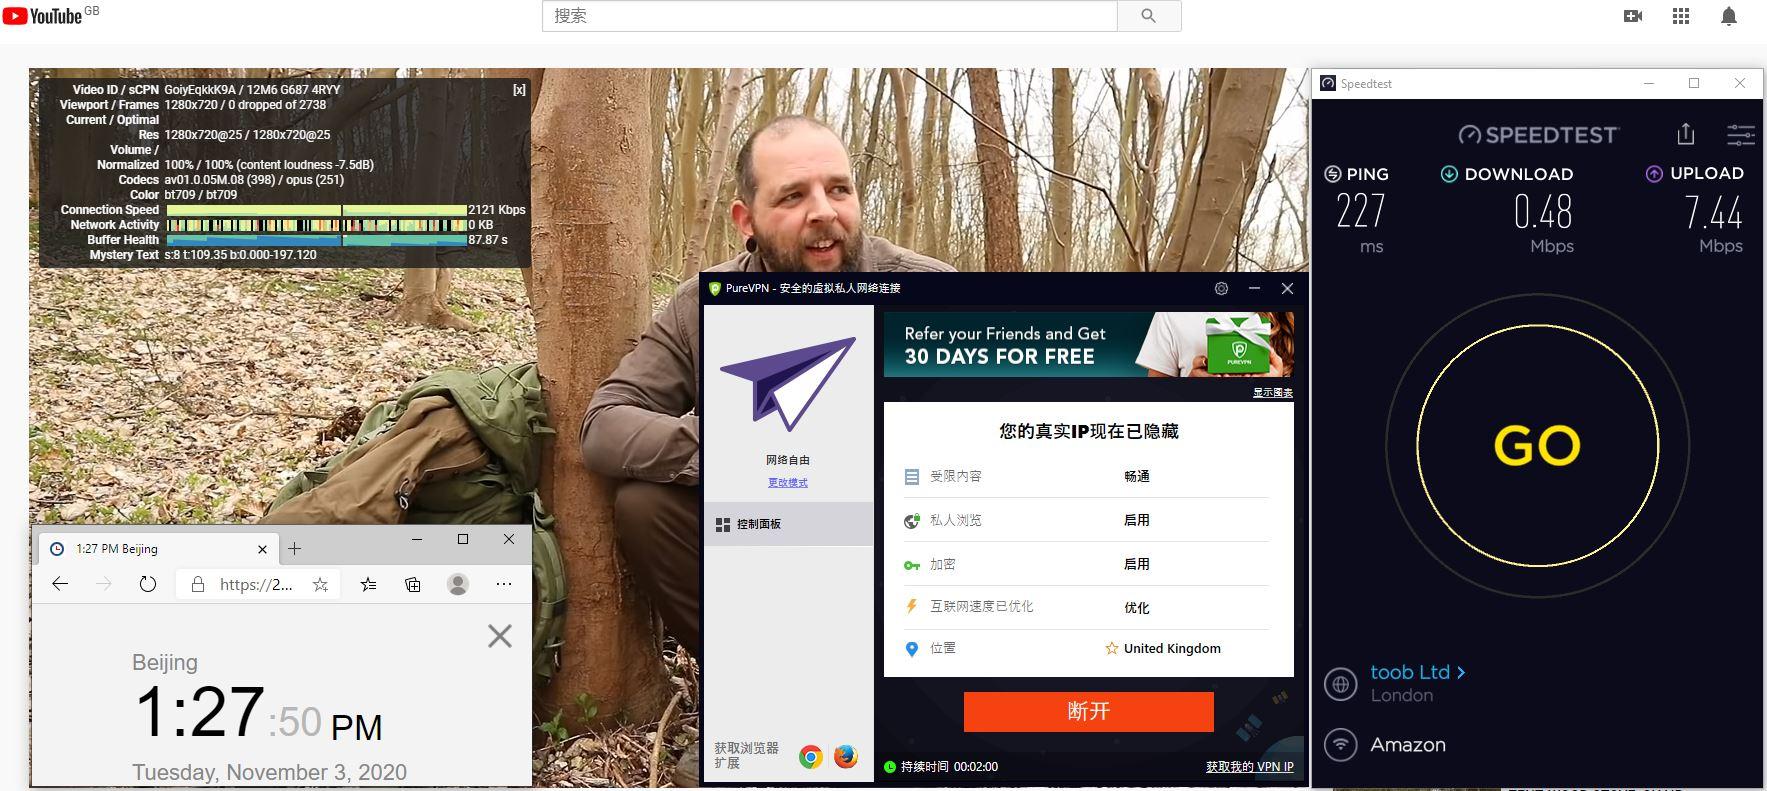 Windows10 PureVPN Automatic UK 服务器 中国VPN 翻墙 科学上网 测试 - 20201103